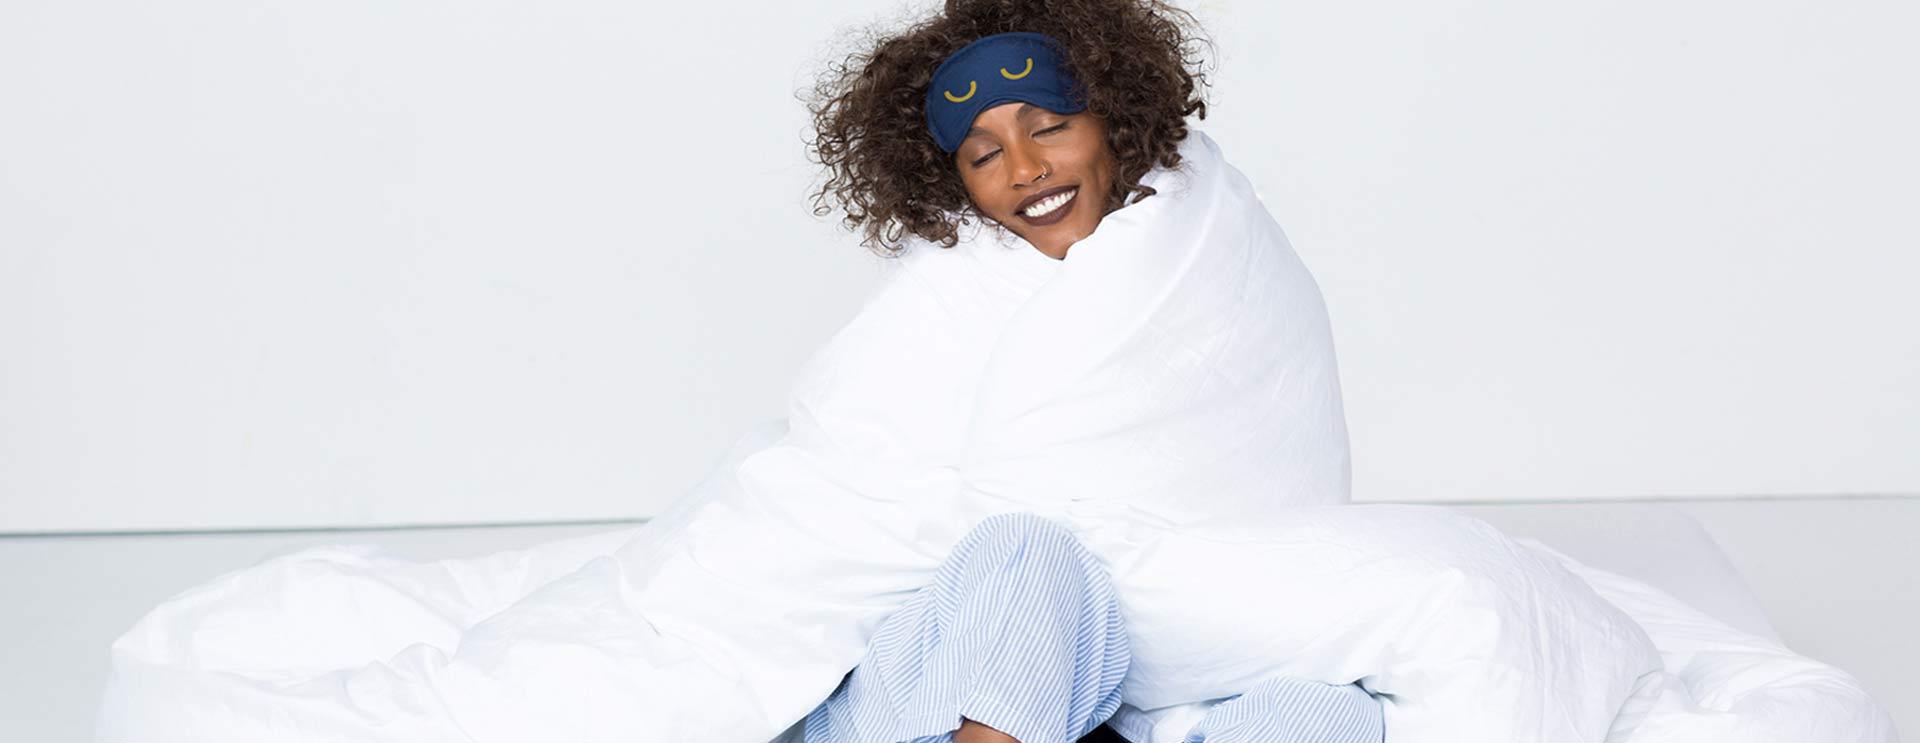 תמונה: דוגמנית בתוך שמיכה